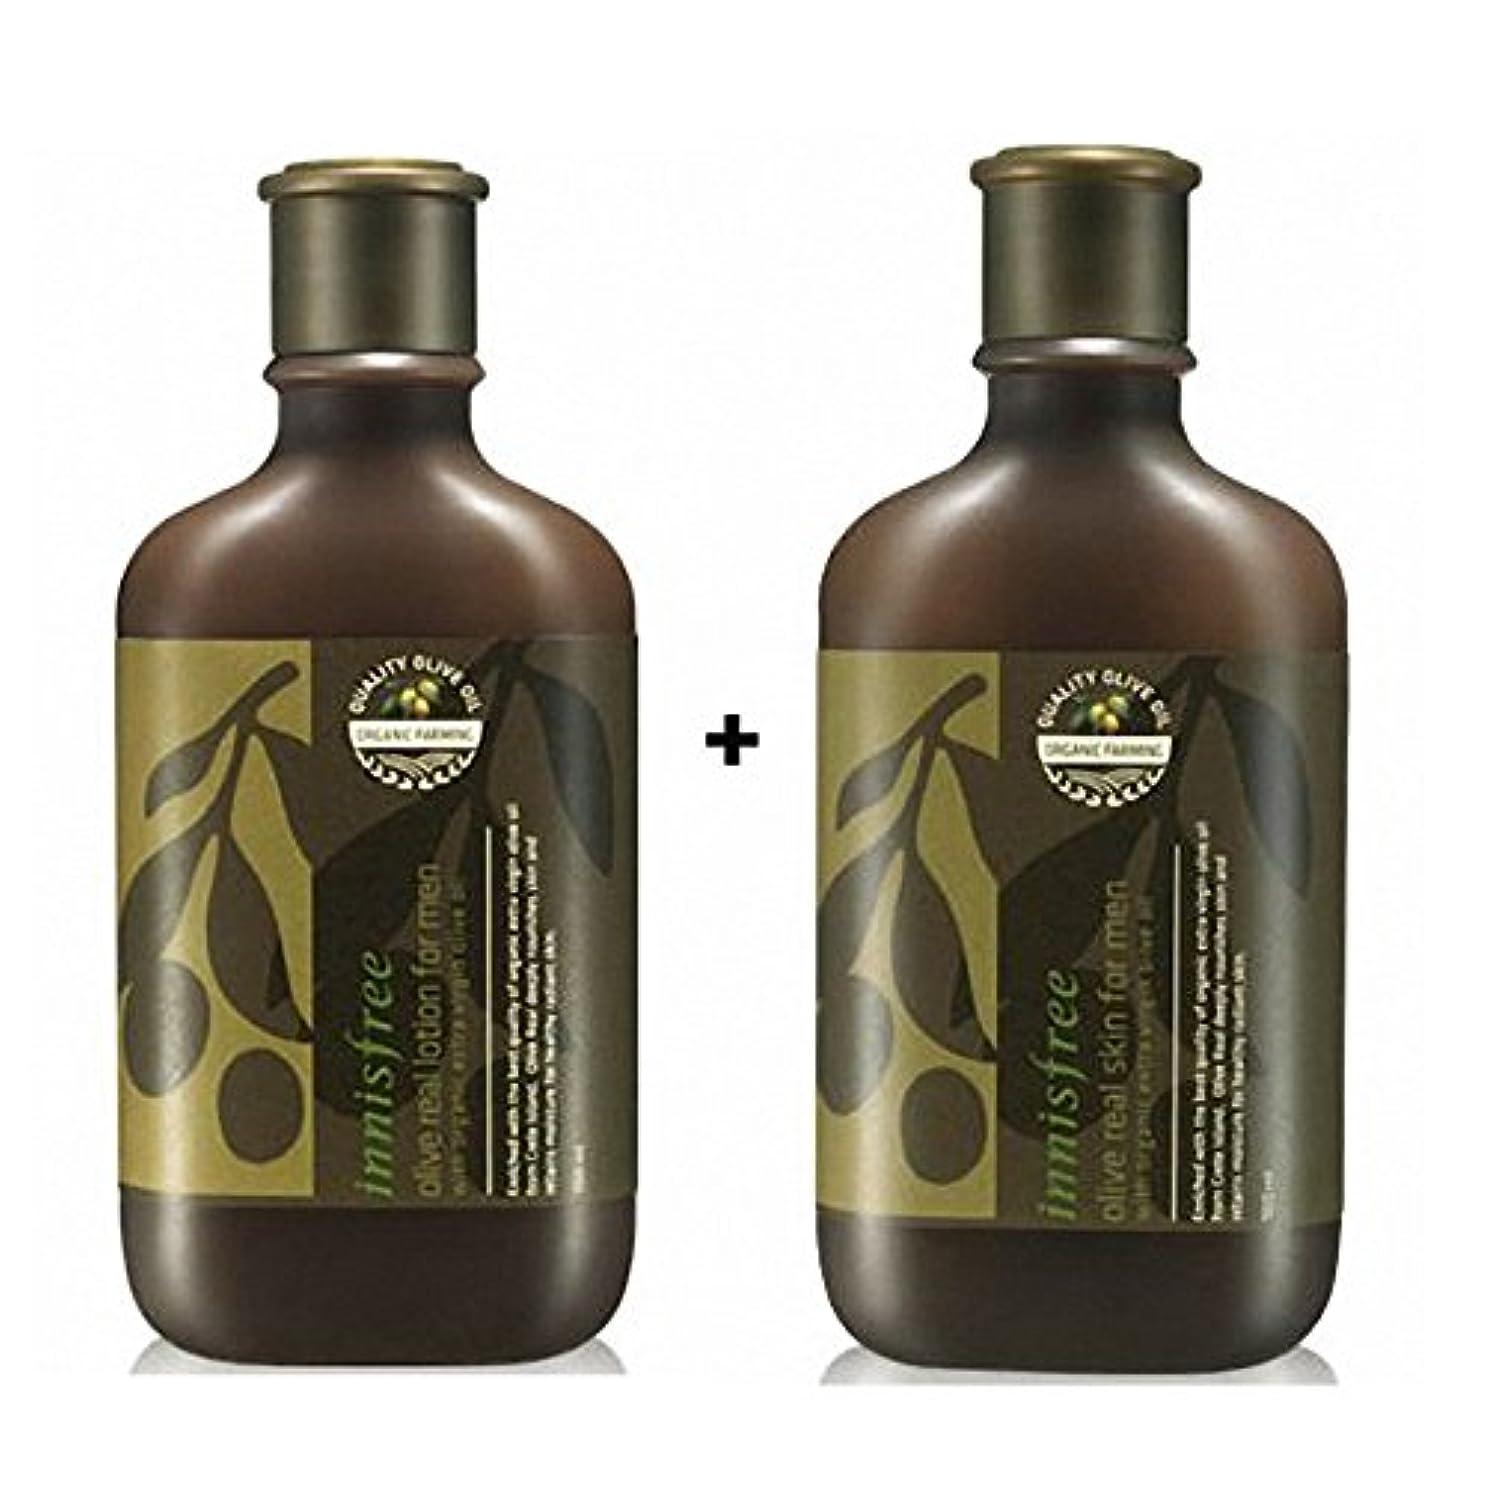 眠り上へレベル[イニスフリー] Innisfree オリーブリアルローション.スキンフォアマンセット(150ml+150ml) Innisfree Olive Real Lotion.Skin Set  For Men(150ml+150ml...